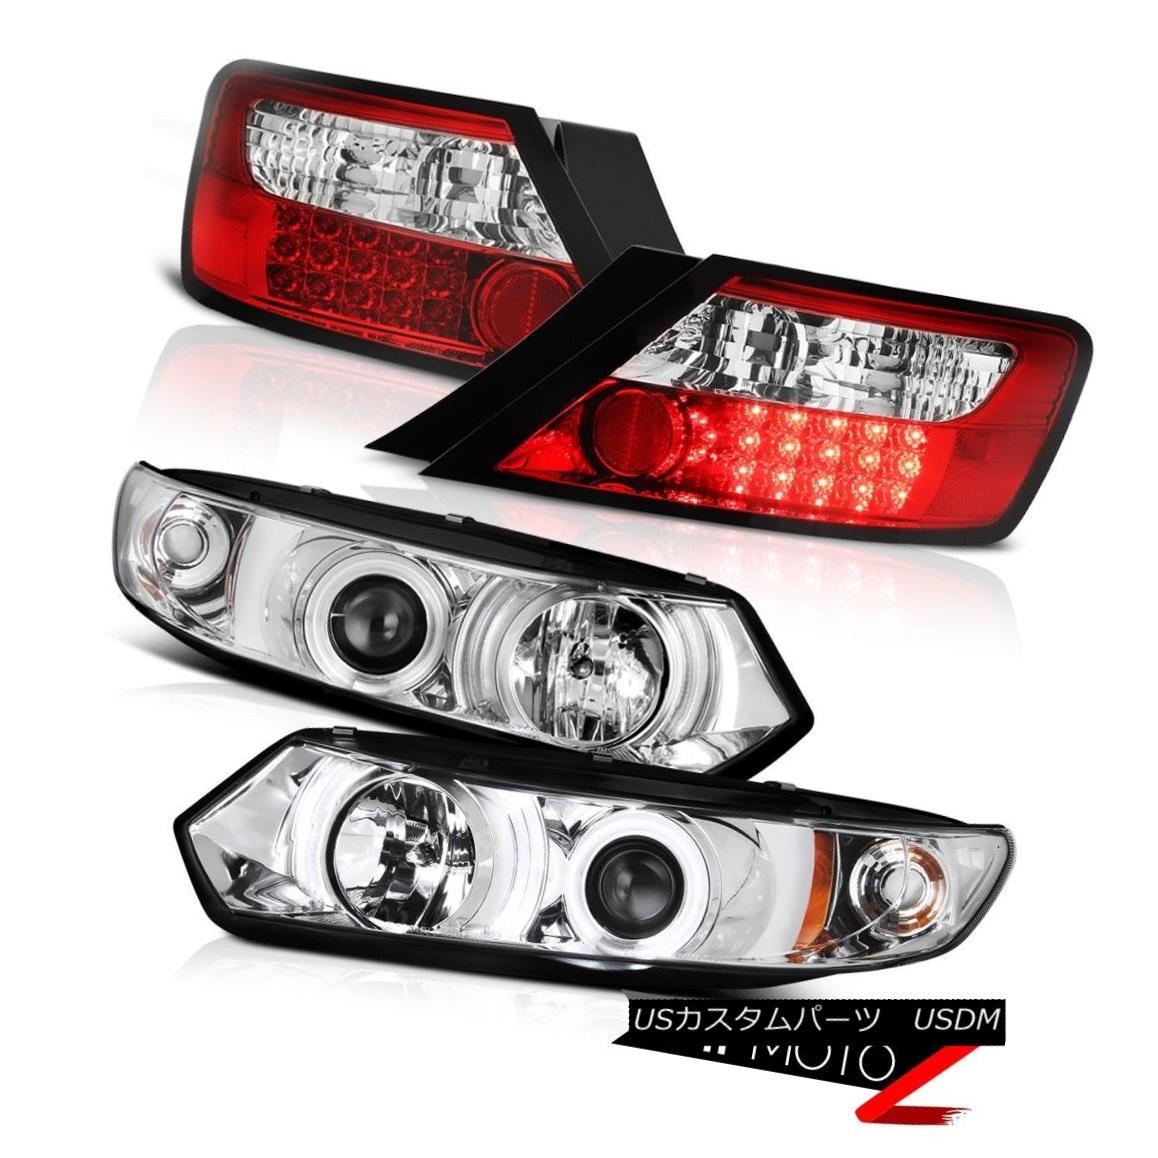 テールライト 06-11 Honda Civic Coupe LX Devil's CCFL Halo Rim Headlights Red LED Tail Lights 06-11ホンダシビッククーペLXデビルのCCFLハローリムヘッドライトレッドLEDテールライト